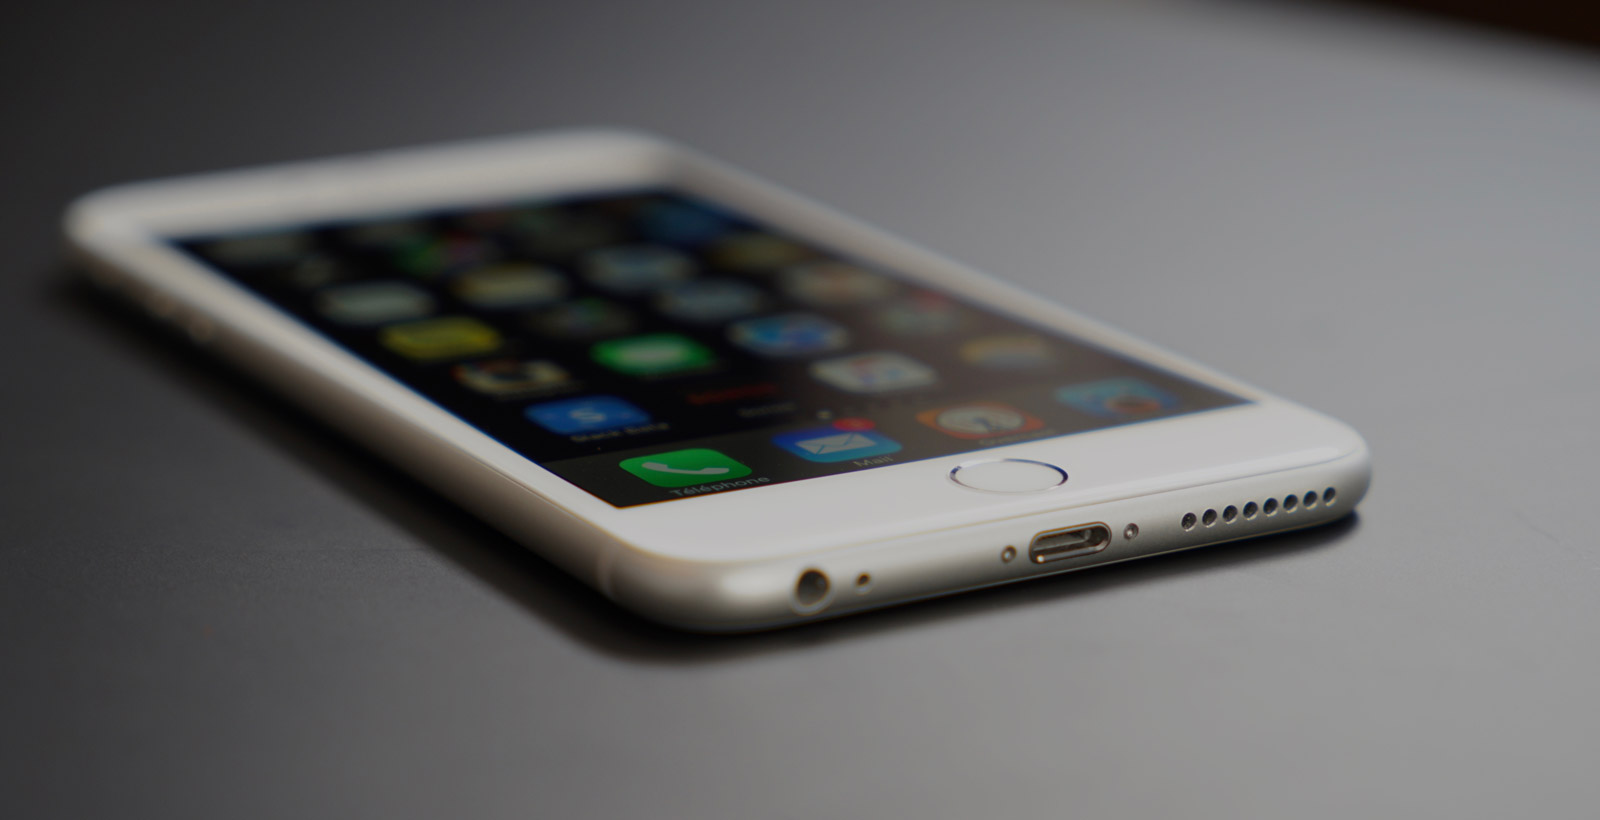 L'iPhone 6S Plus